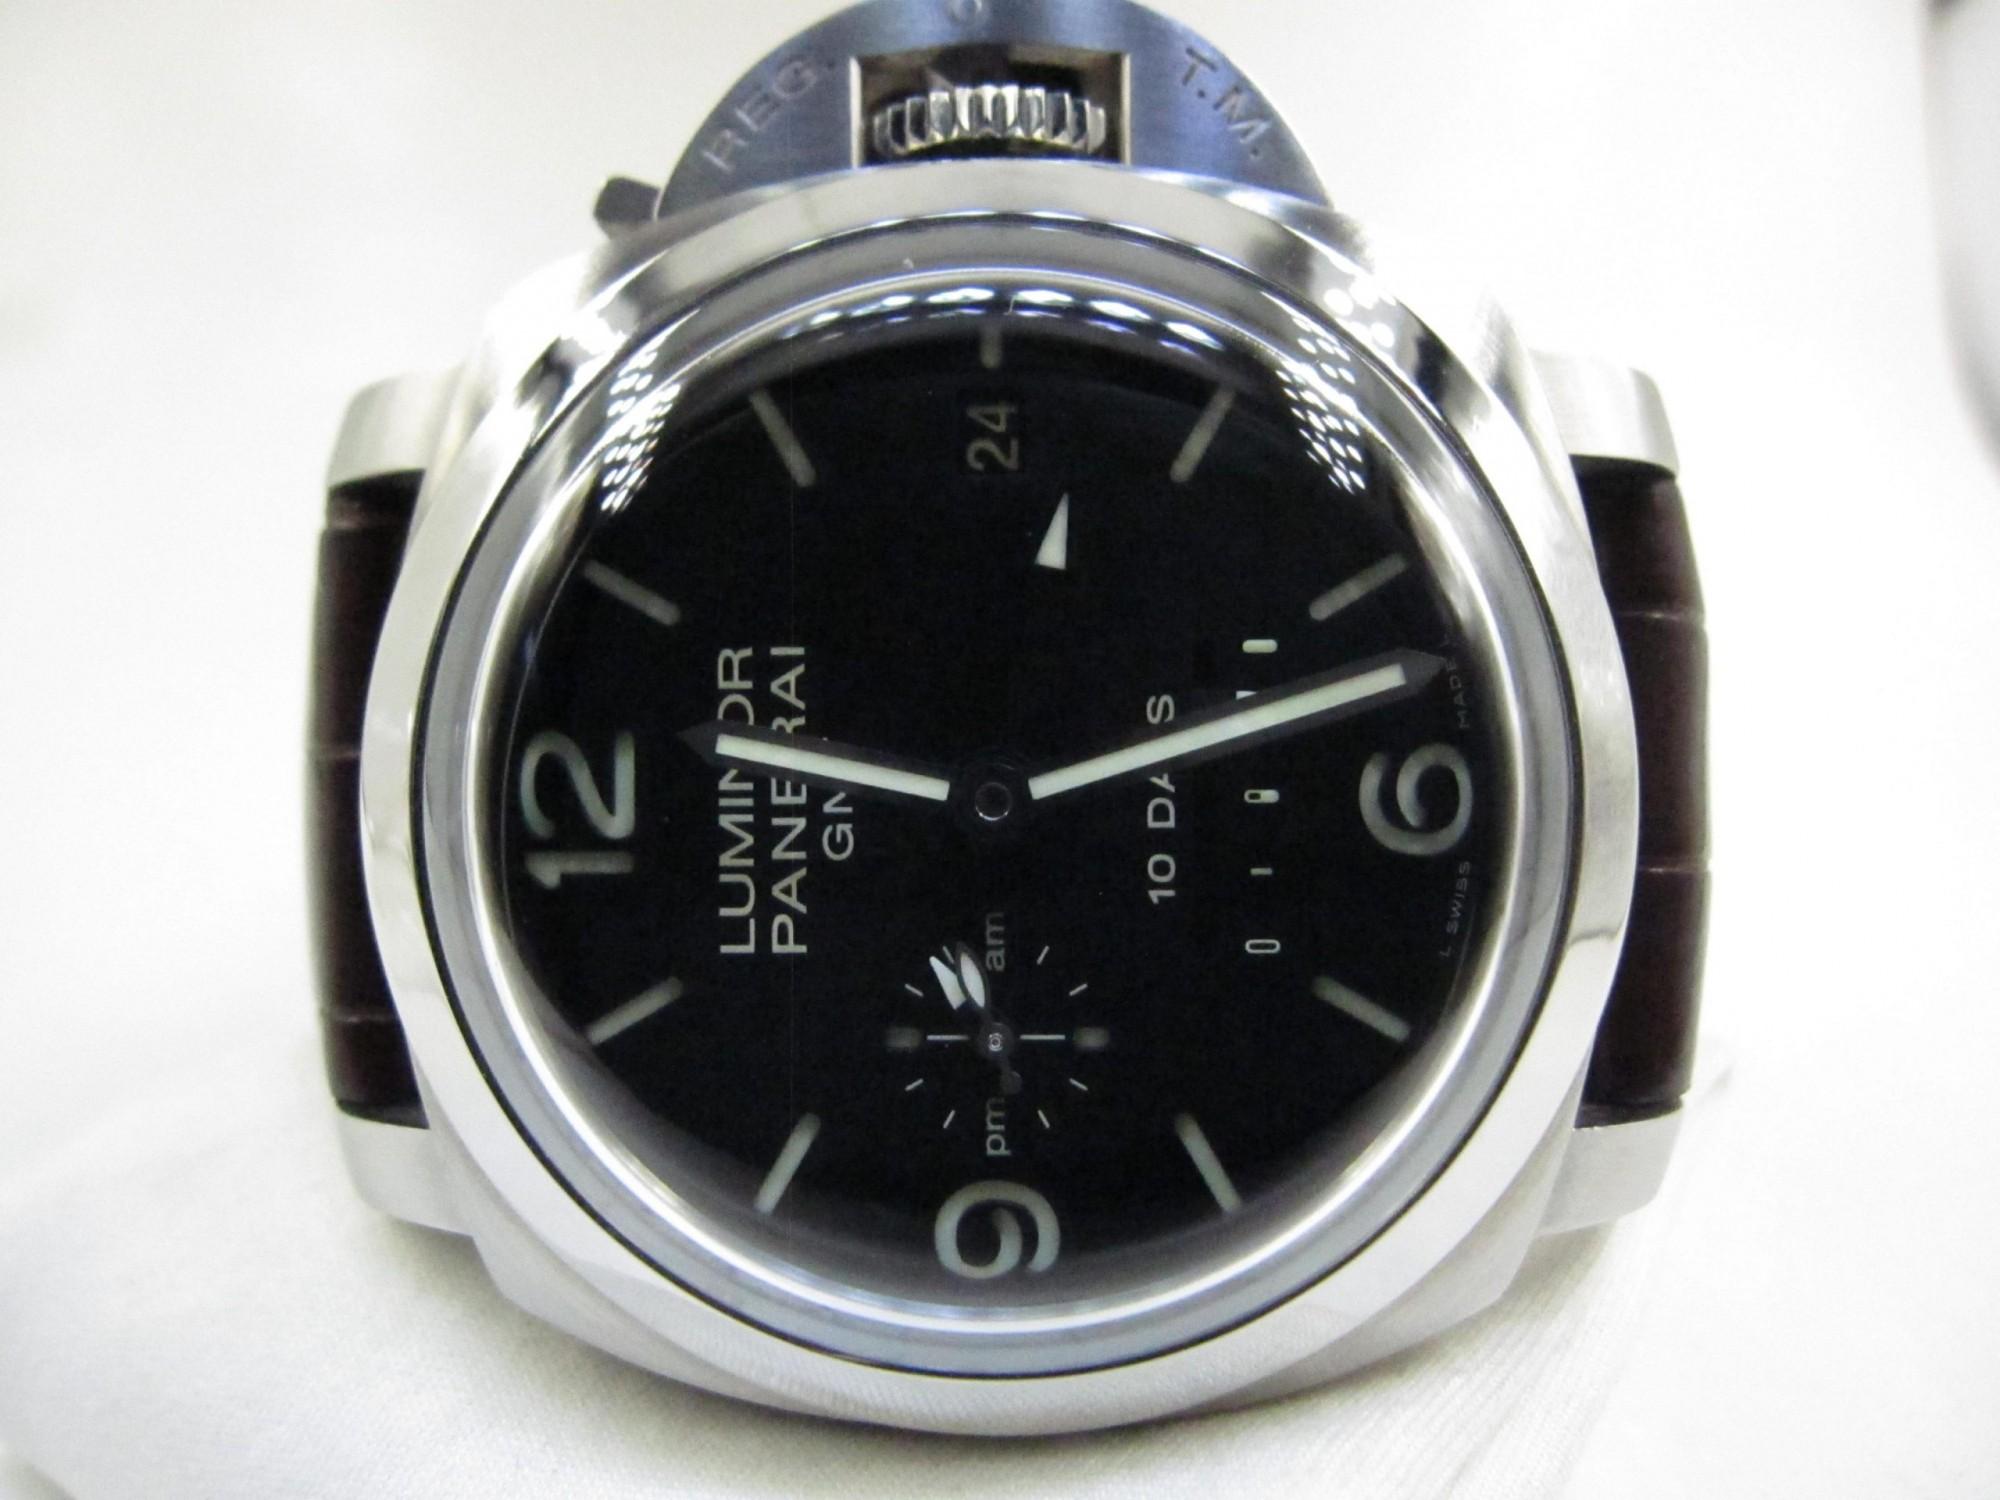 Panerai Luminor Marina Pam270 (Pre-Owned Panerai Watch) PNR-003